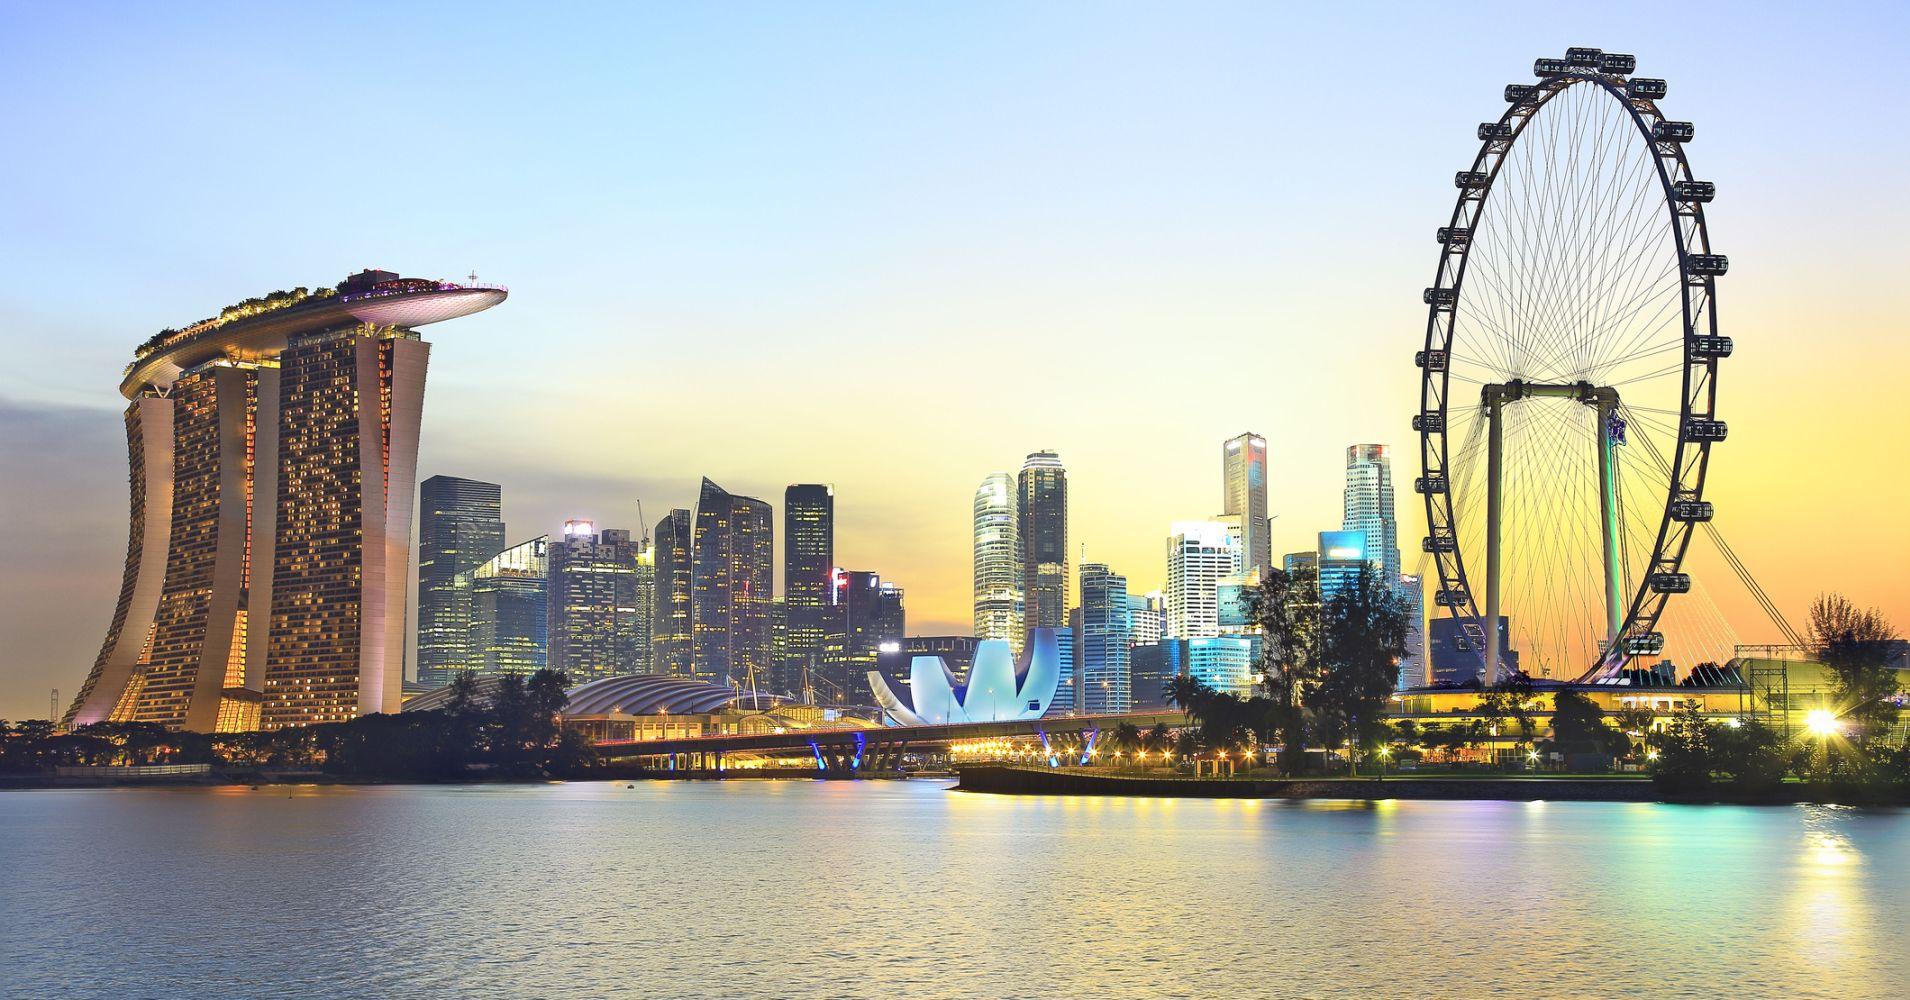 Top 10 Universities In Singapore